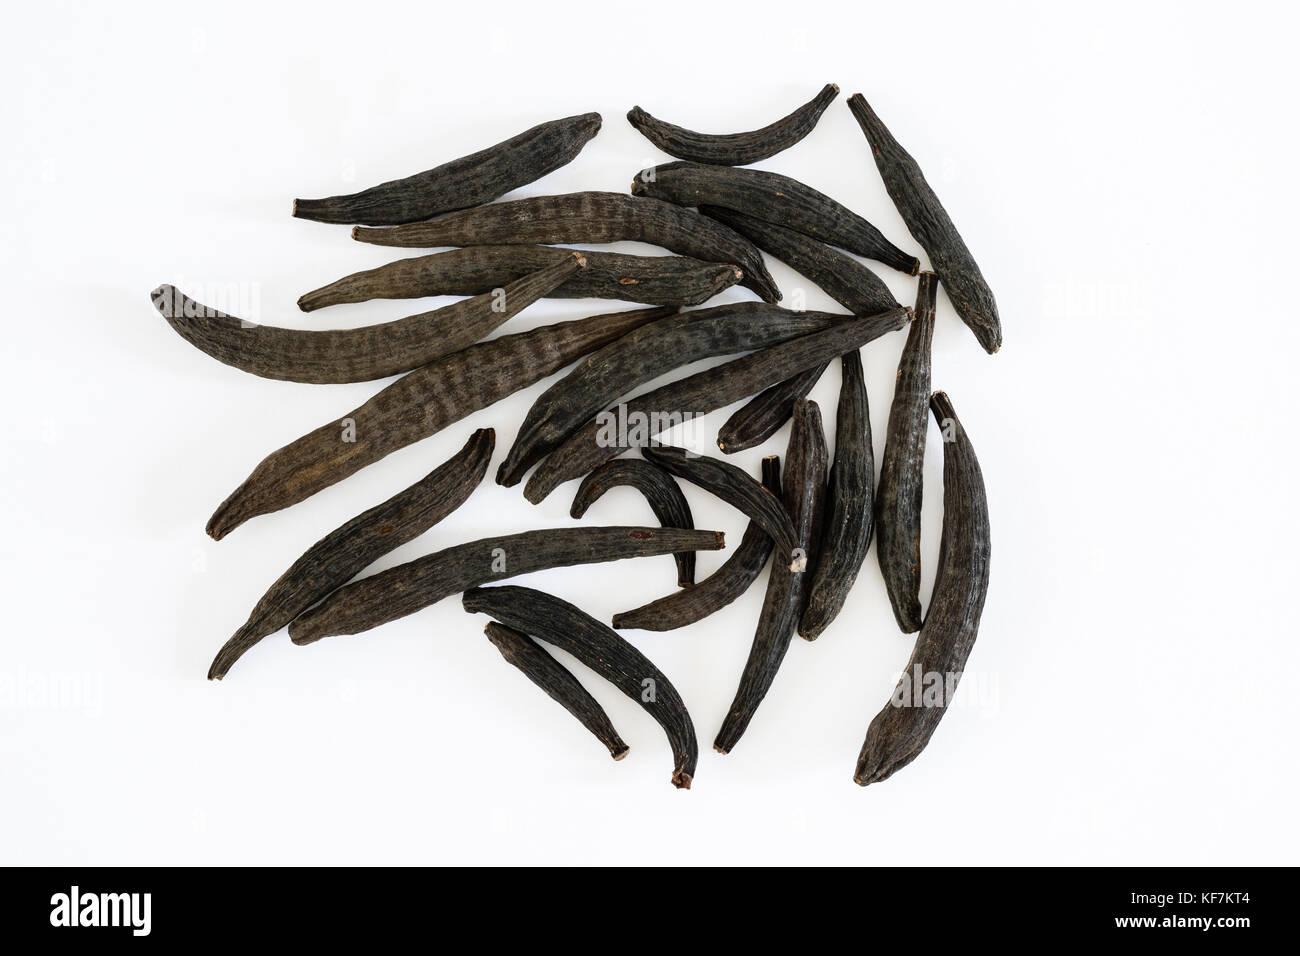 Dried Kapok buds or Marathi Moggu (Indian spice) on a white background - Stock Image